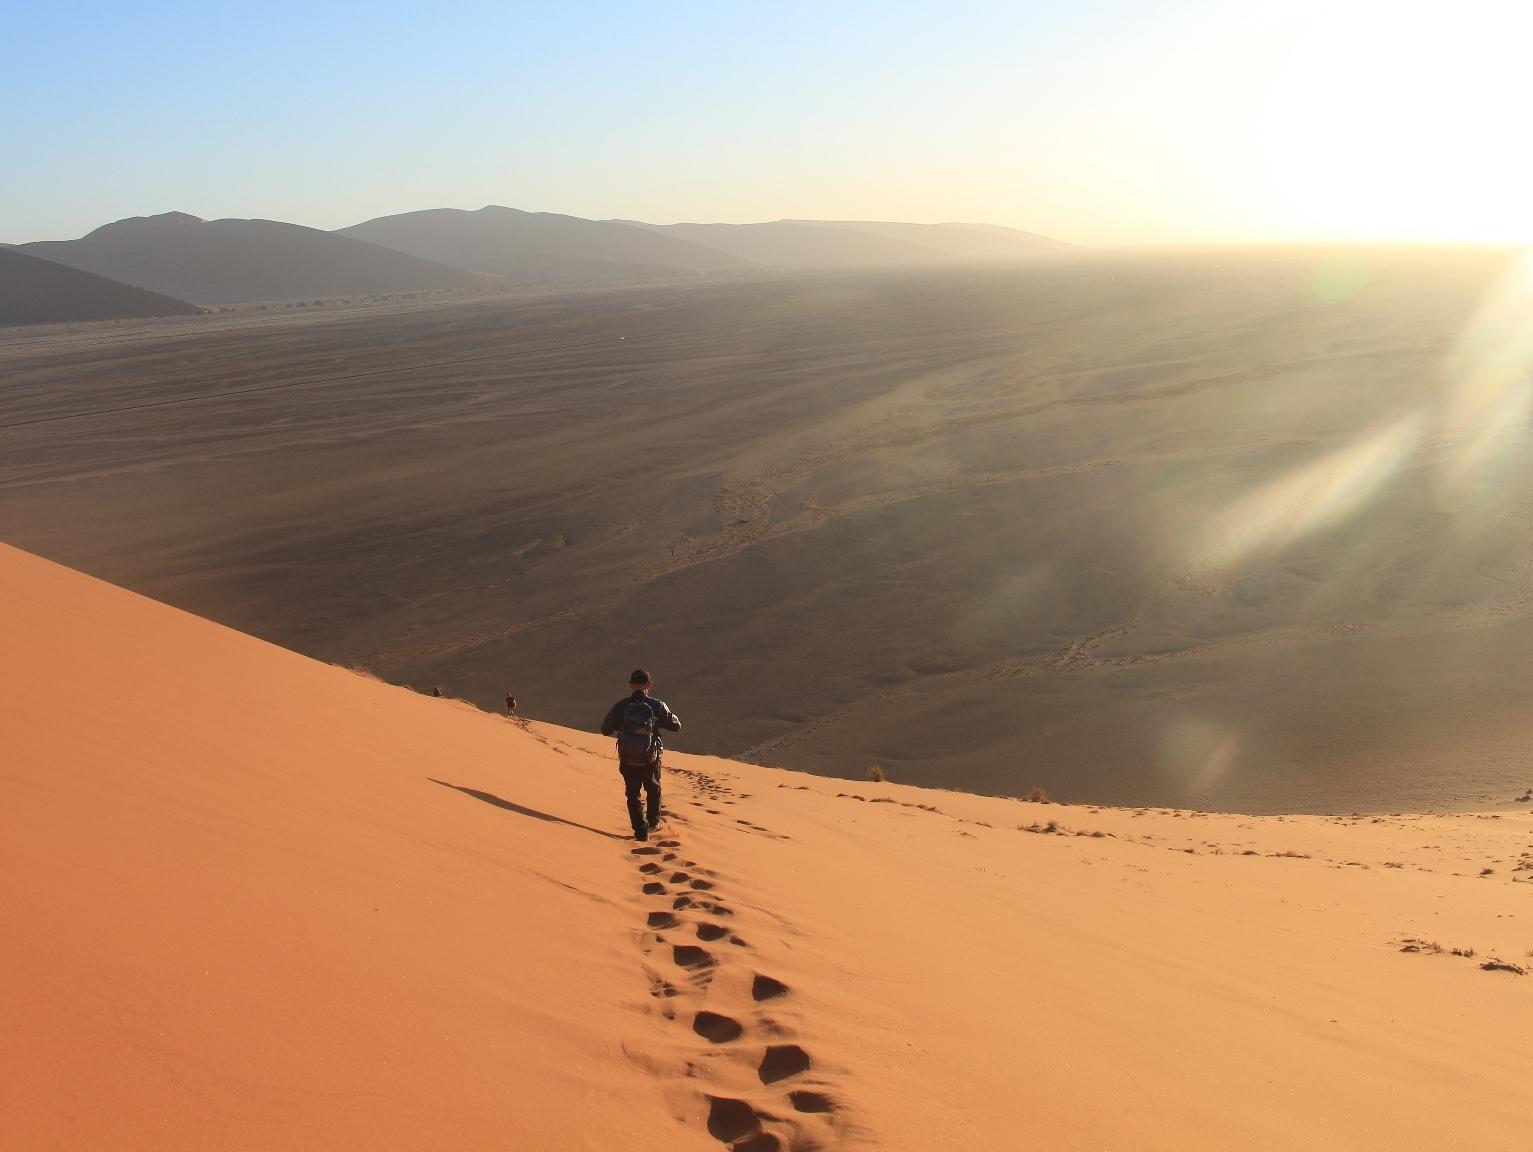 3月14日出発「南部アフリカ2つの世界自然遺産ナミブ砂漠とケープ半島ハイキング 10日間」